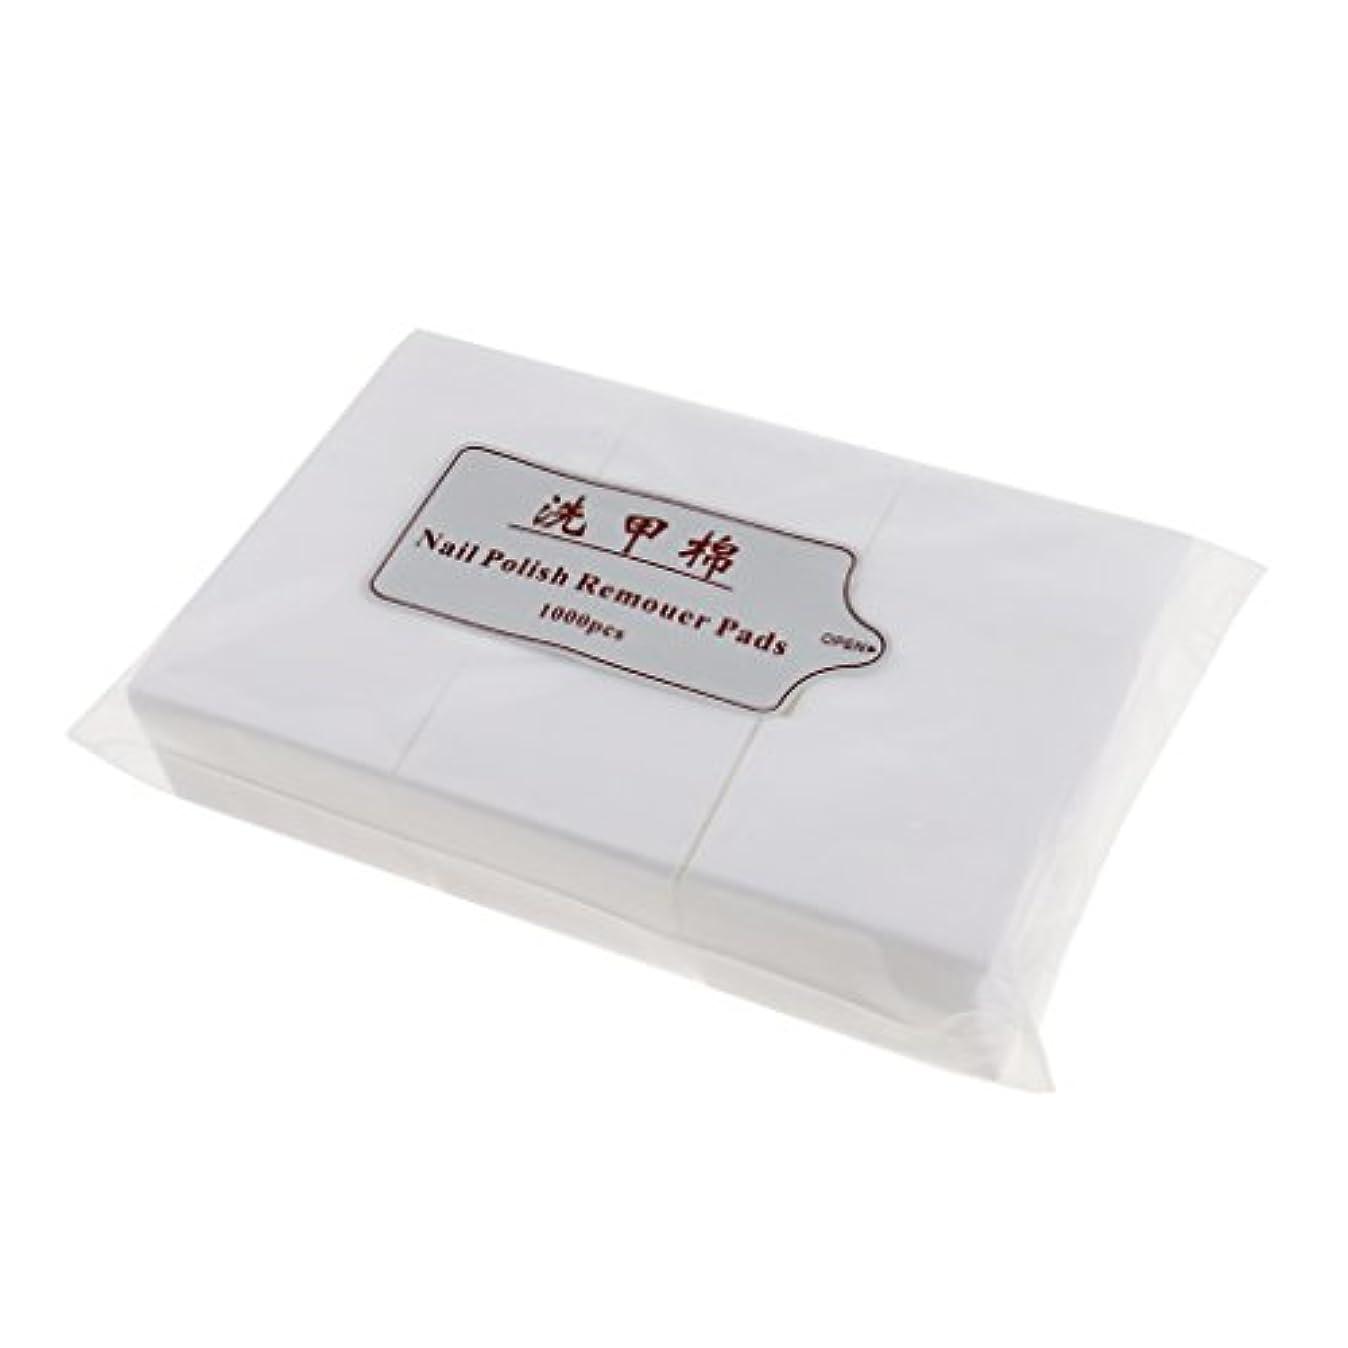 保全塩に向けて出発約1000個 ネイルコットンパッド ネイルアートチップ パッド紙 マニキュア 吸水性 衛生的 ネイルサロン